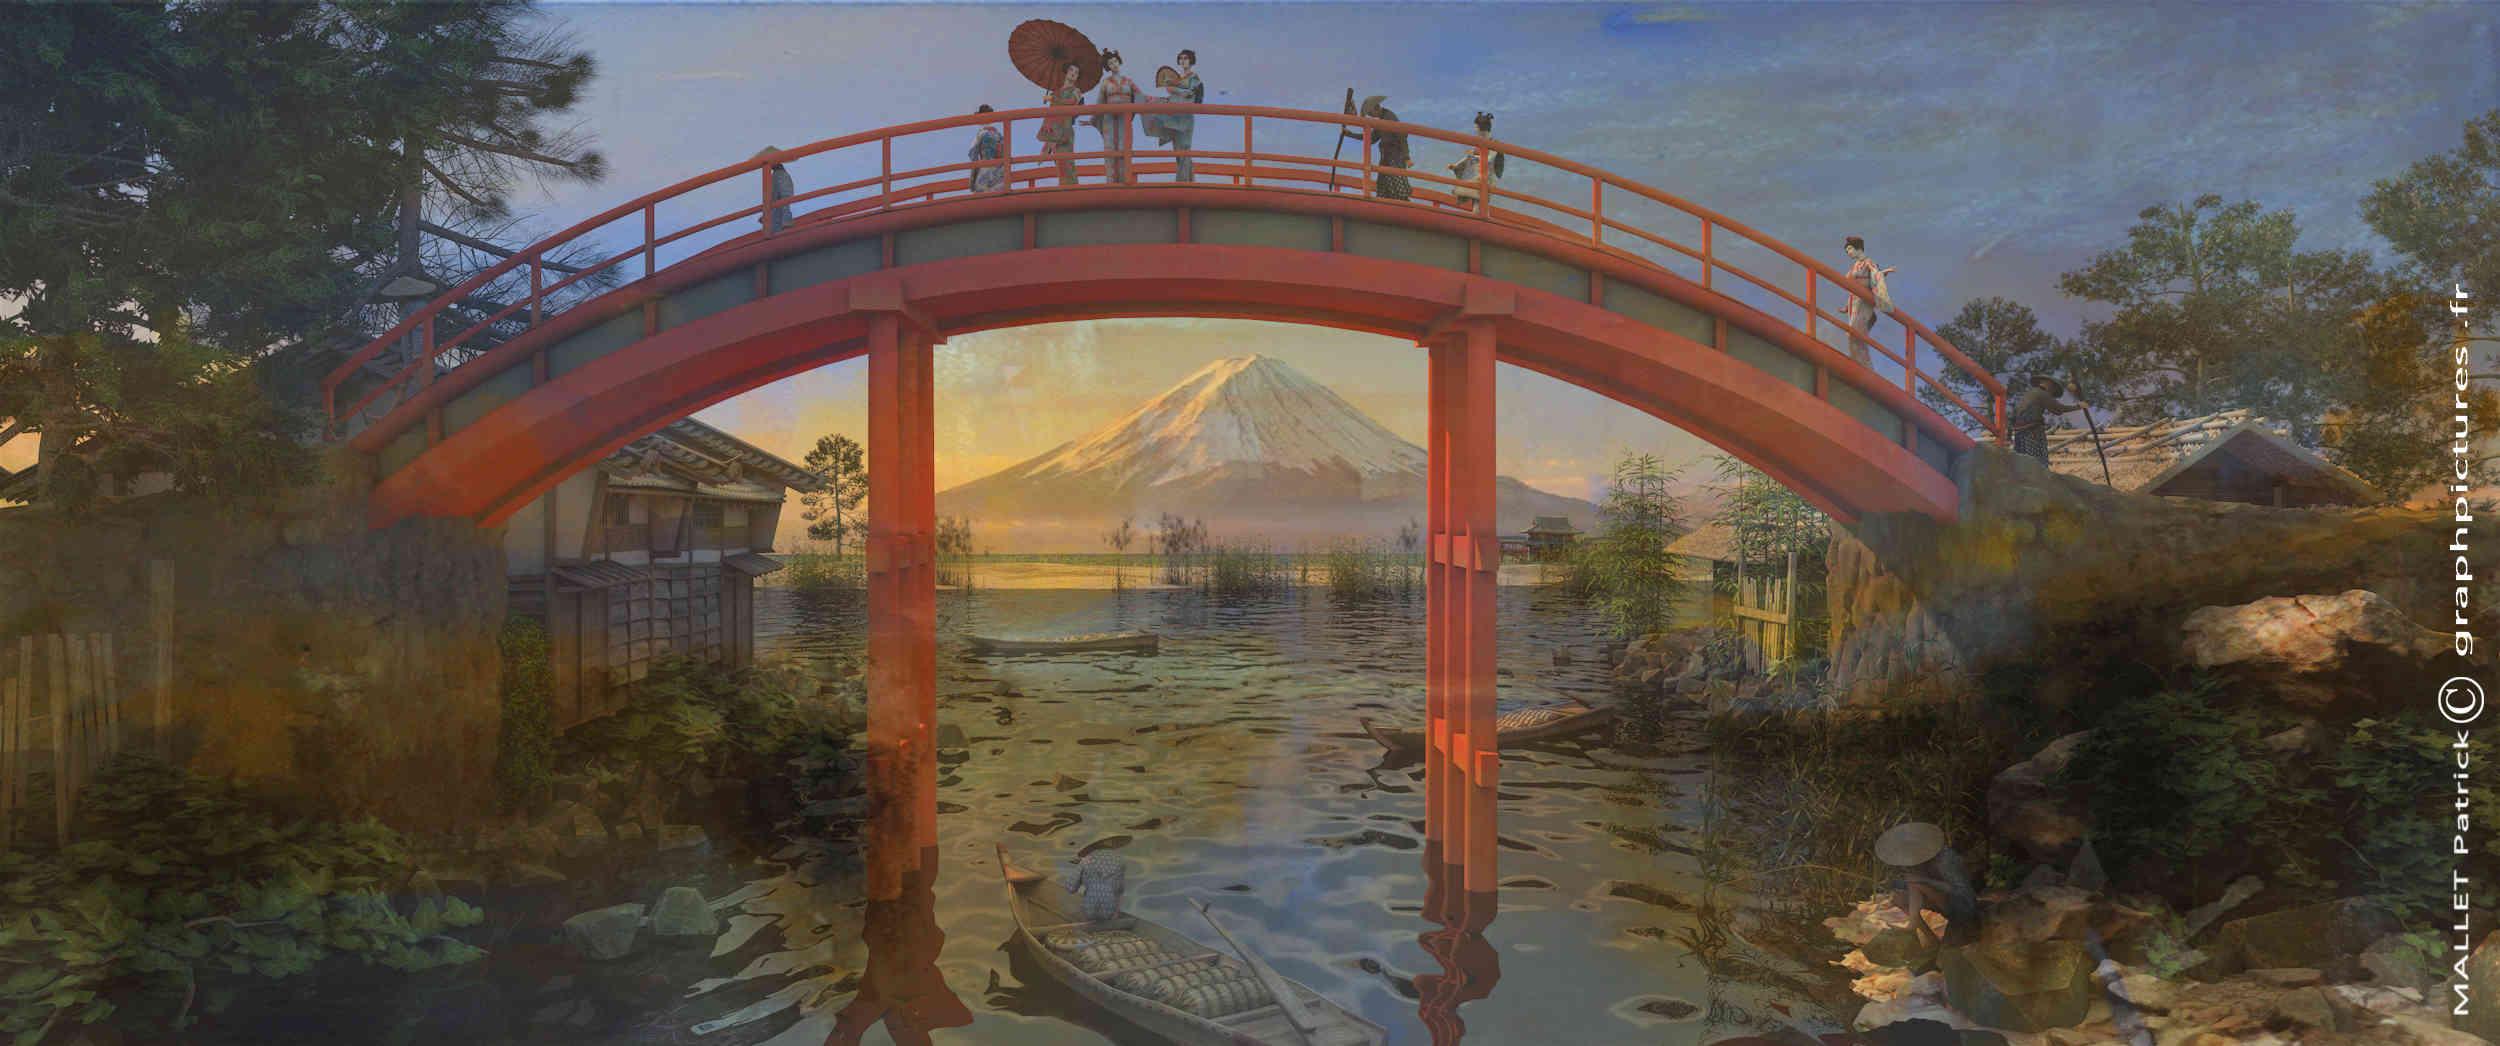 ma vision du  japon - Page 4 Pont_j10